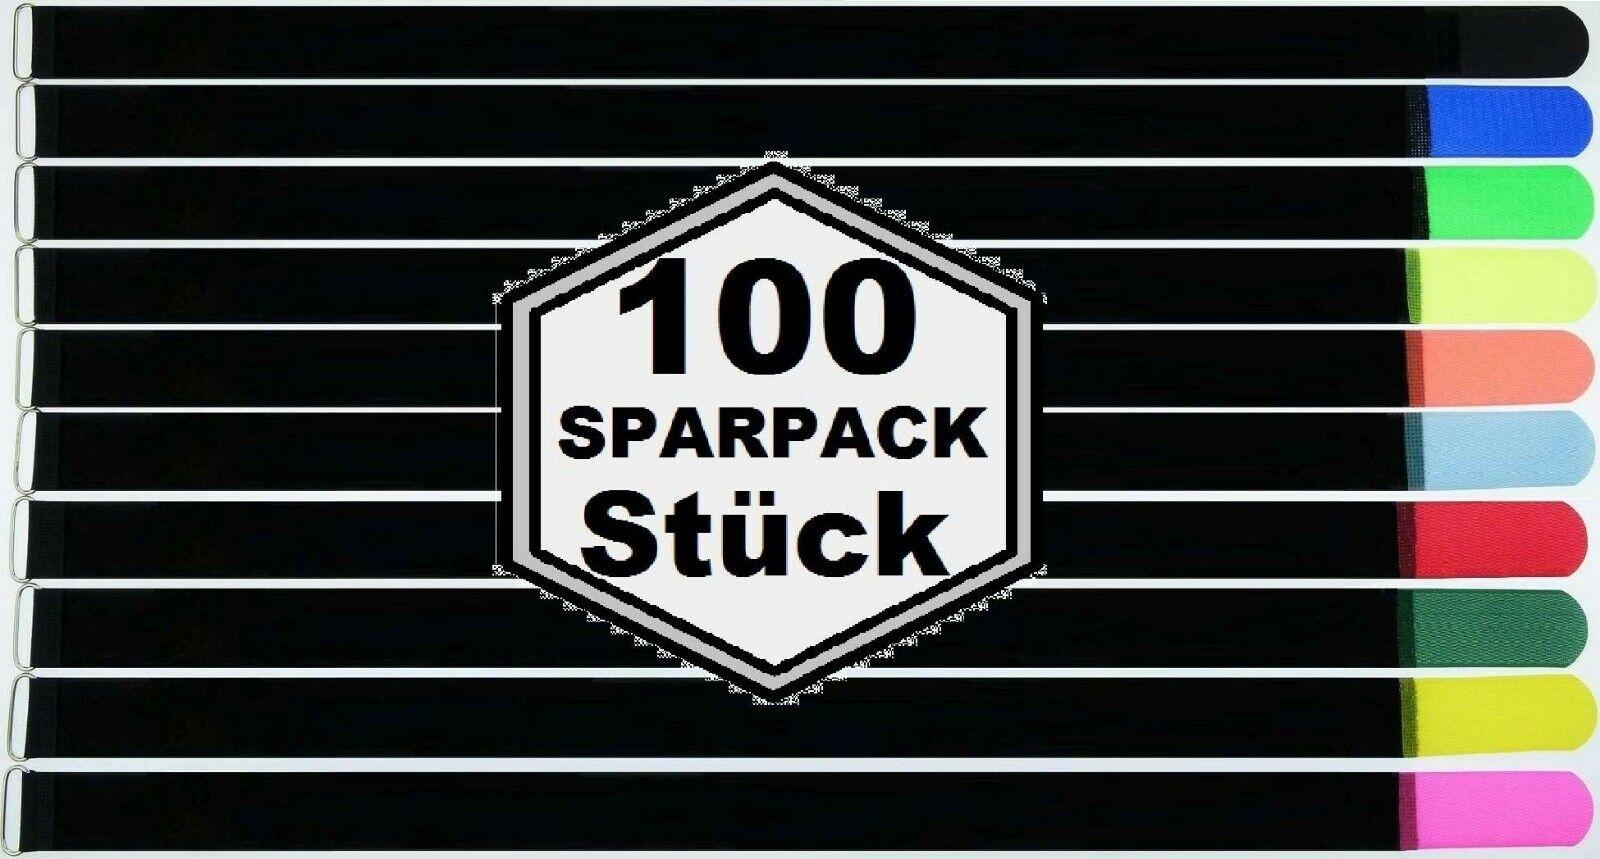 100 x Klettverschlüsse 800 x 50 MM in 10 Farben Kabel Klettverschluss Klettverschluss